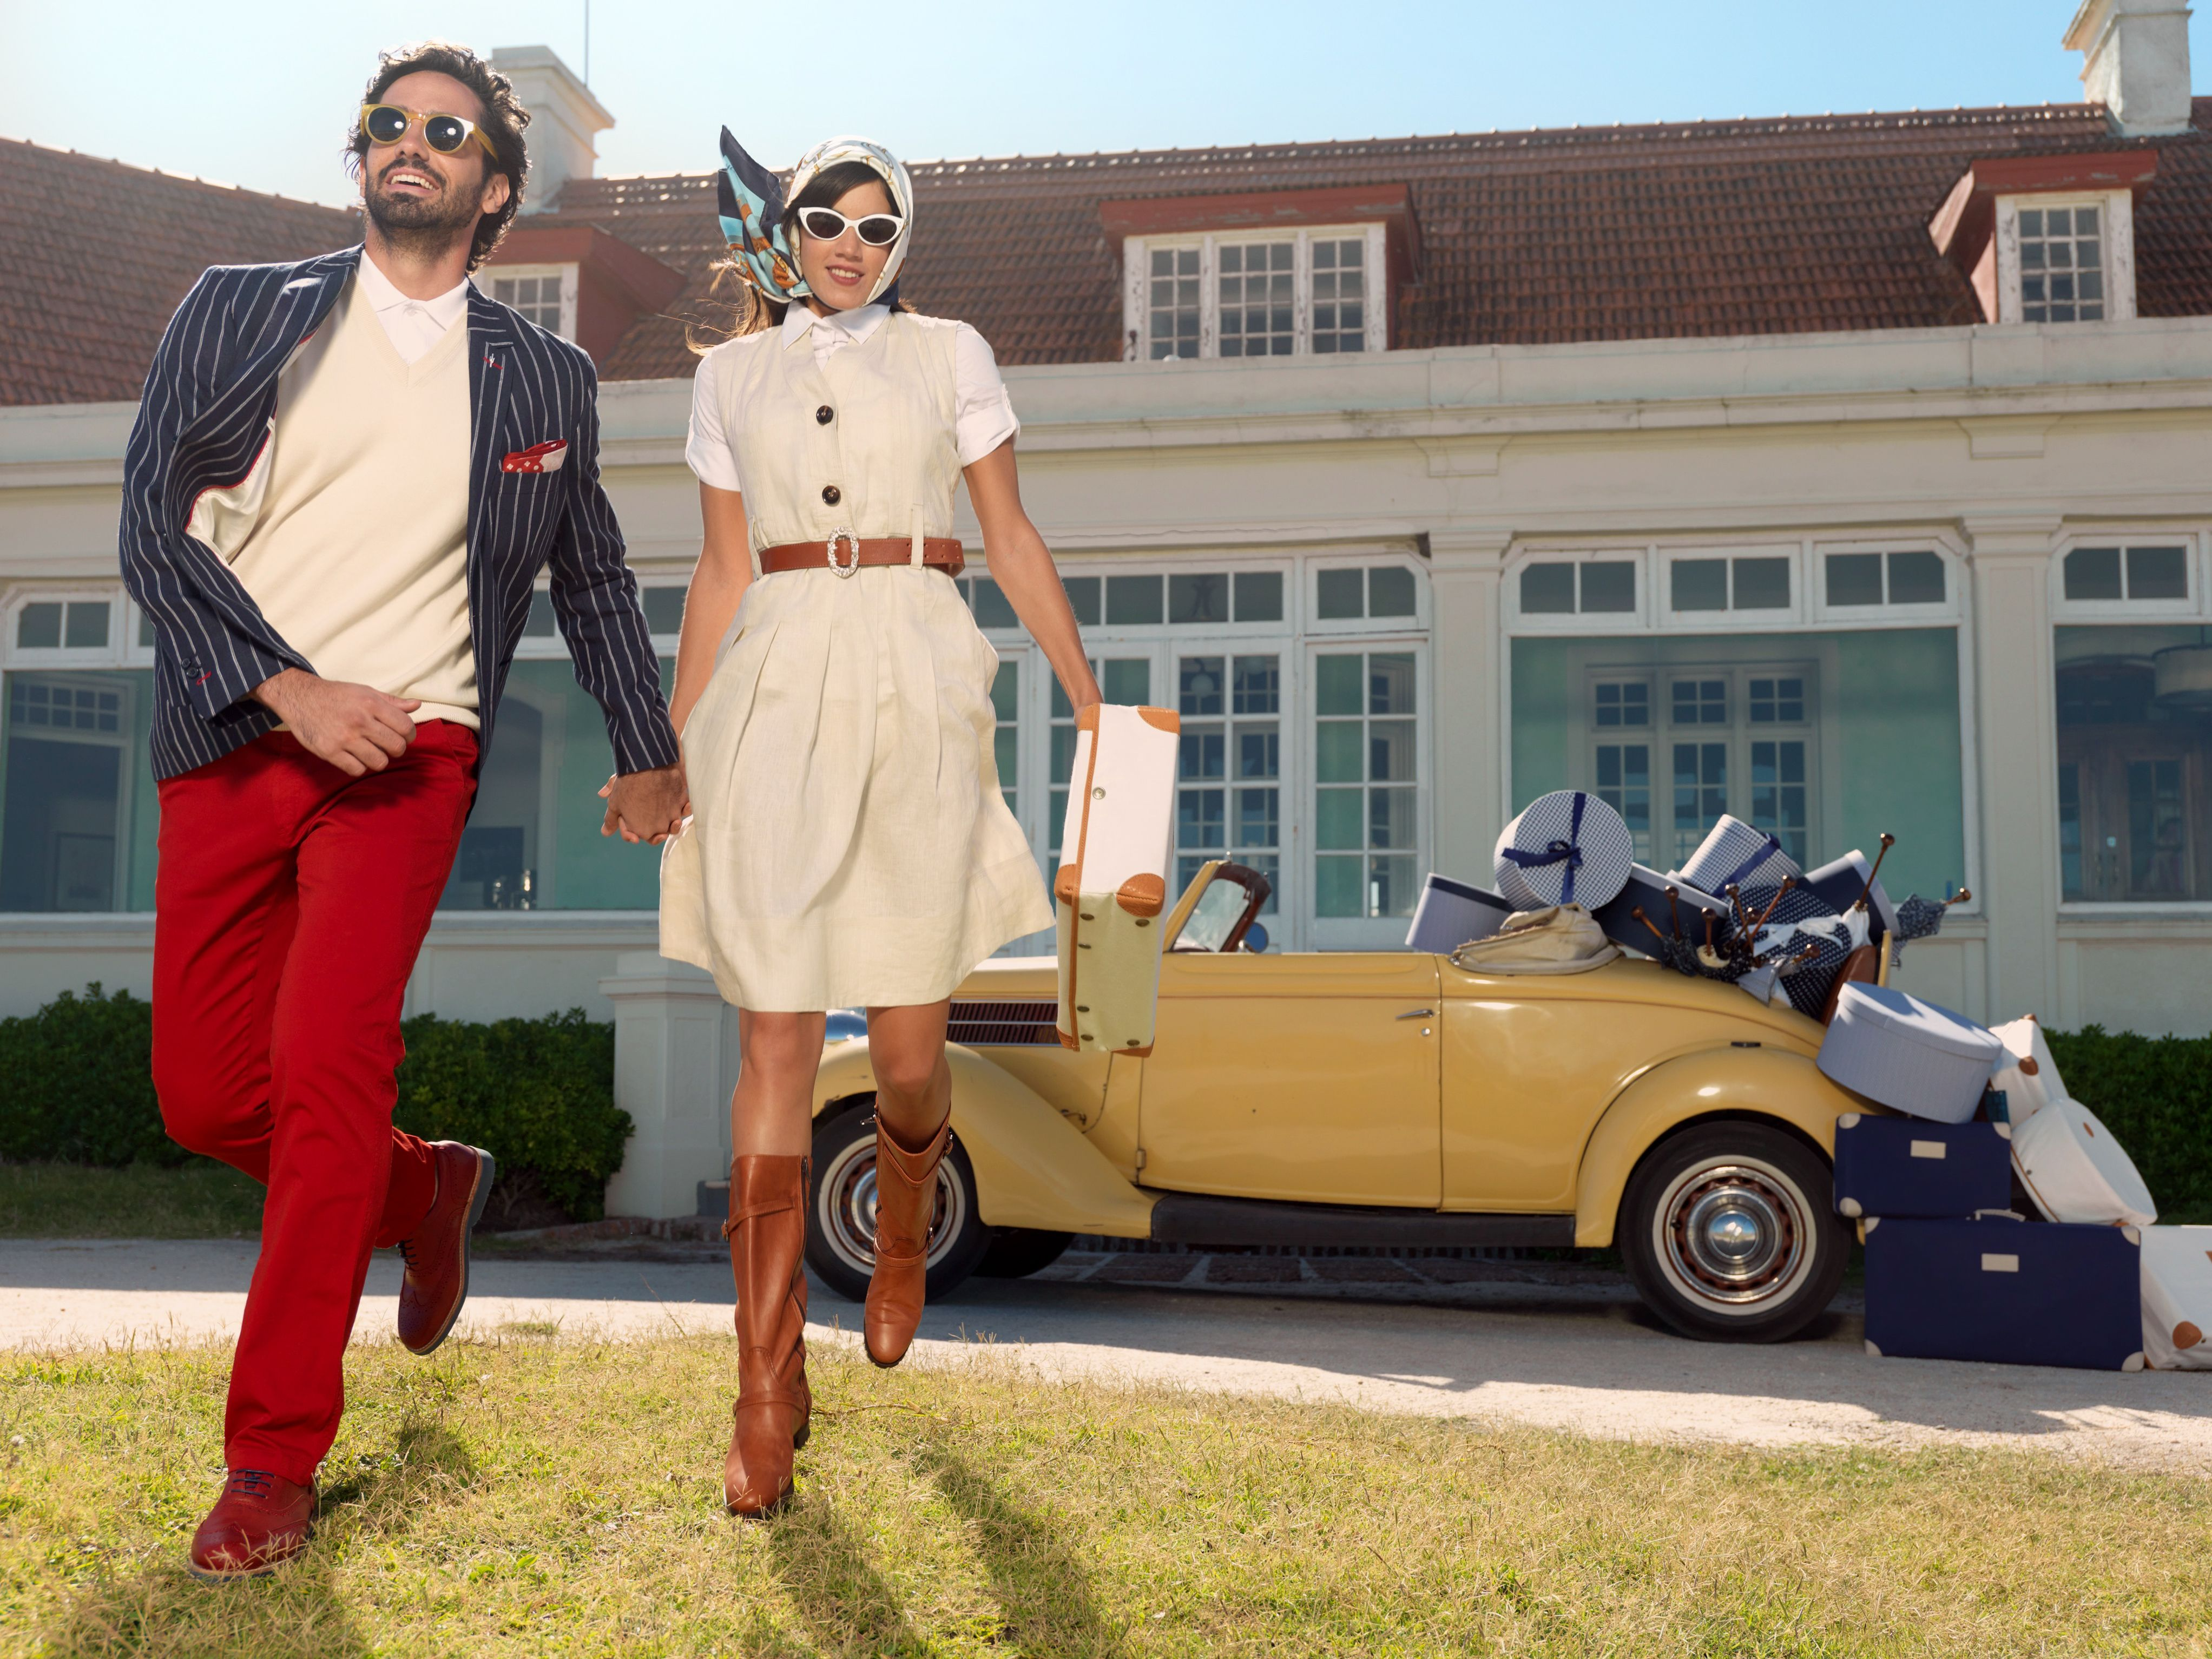 Inspiración de estilo europeo. #cardon #moda